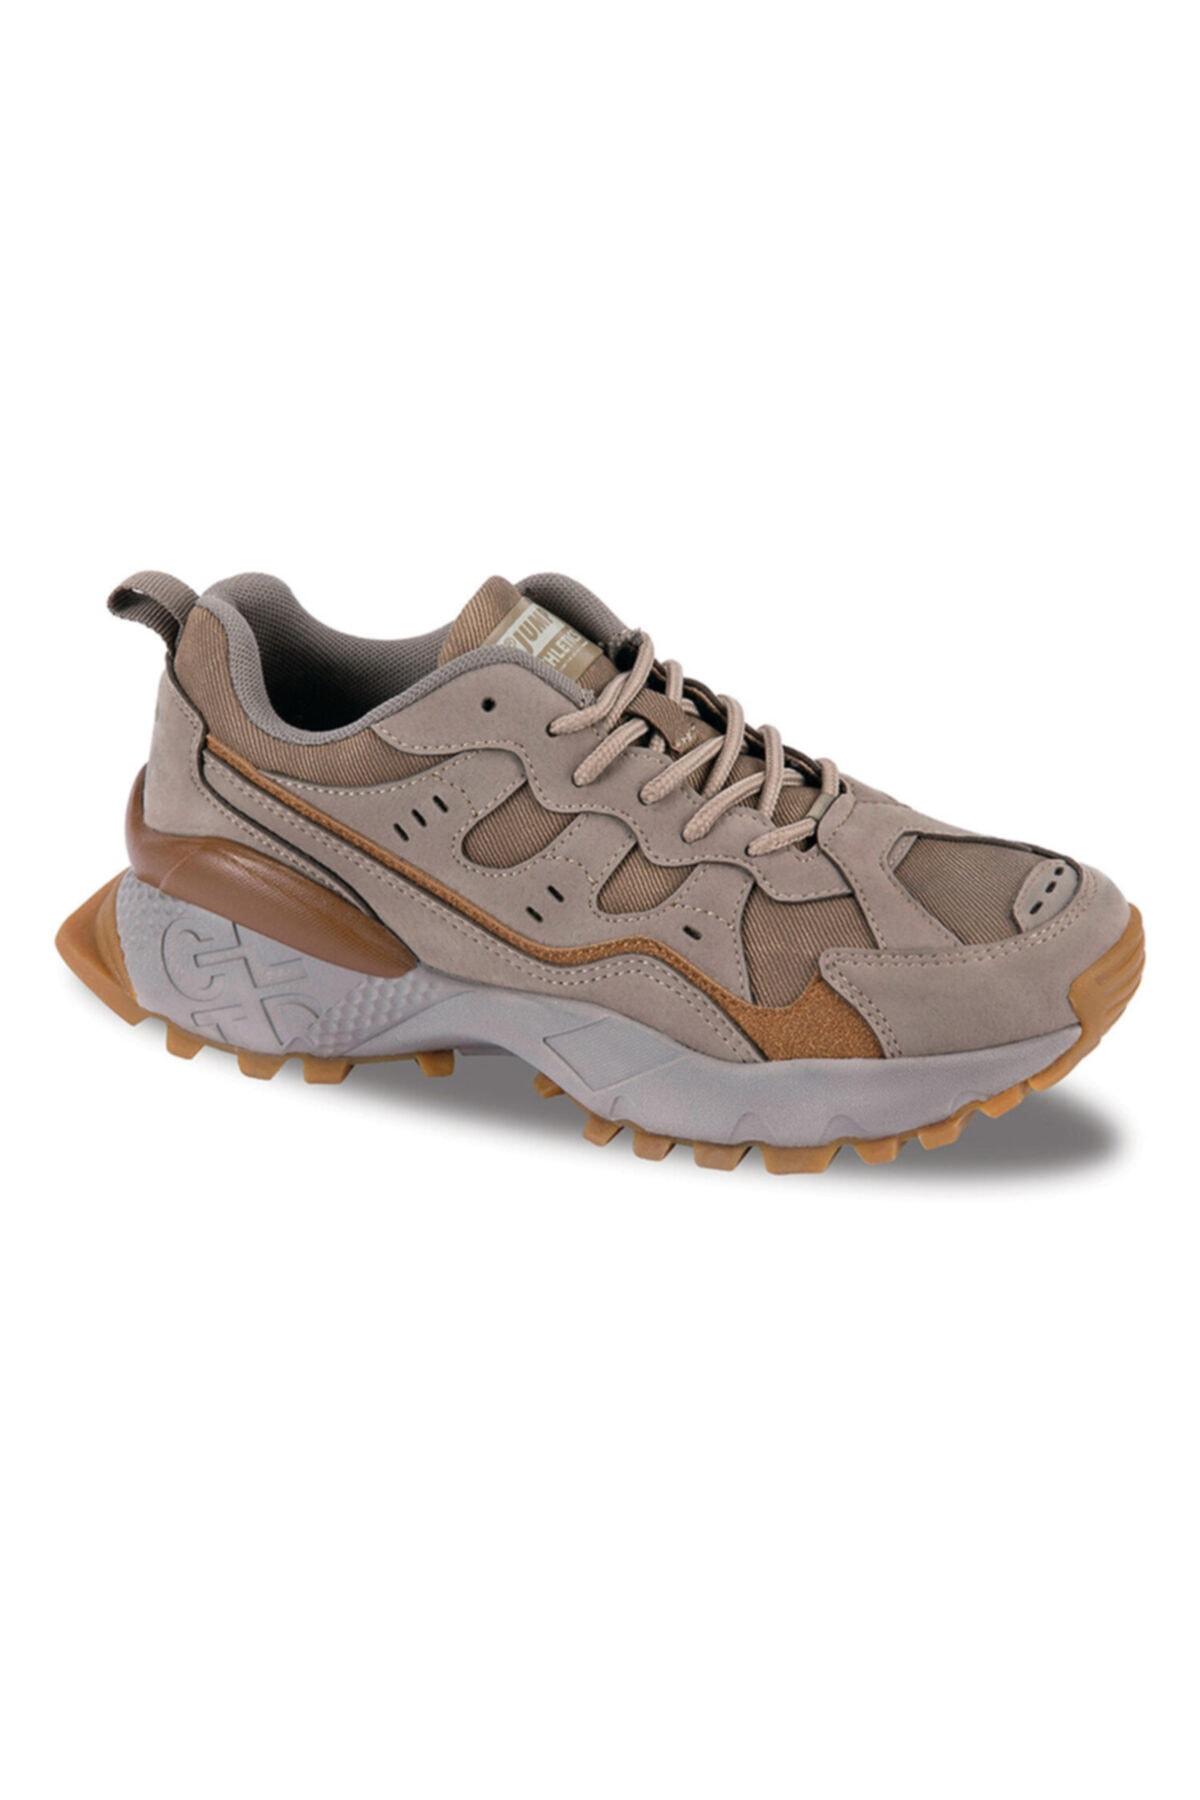 25760 Kadın Bej Outdoor Spor Ayakkabı